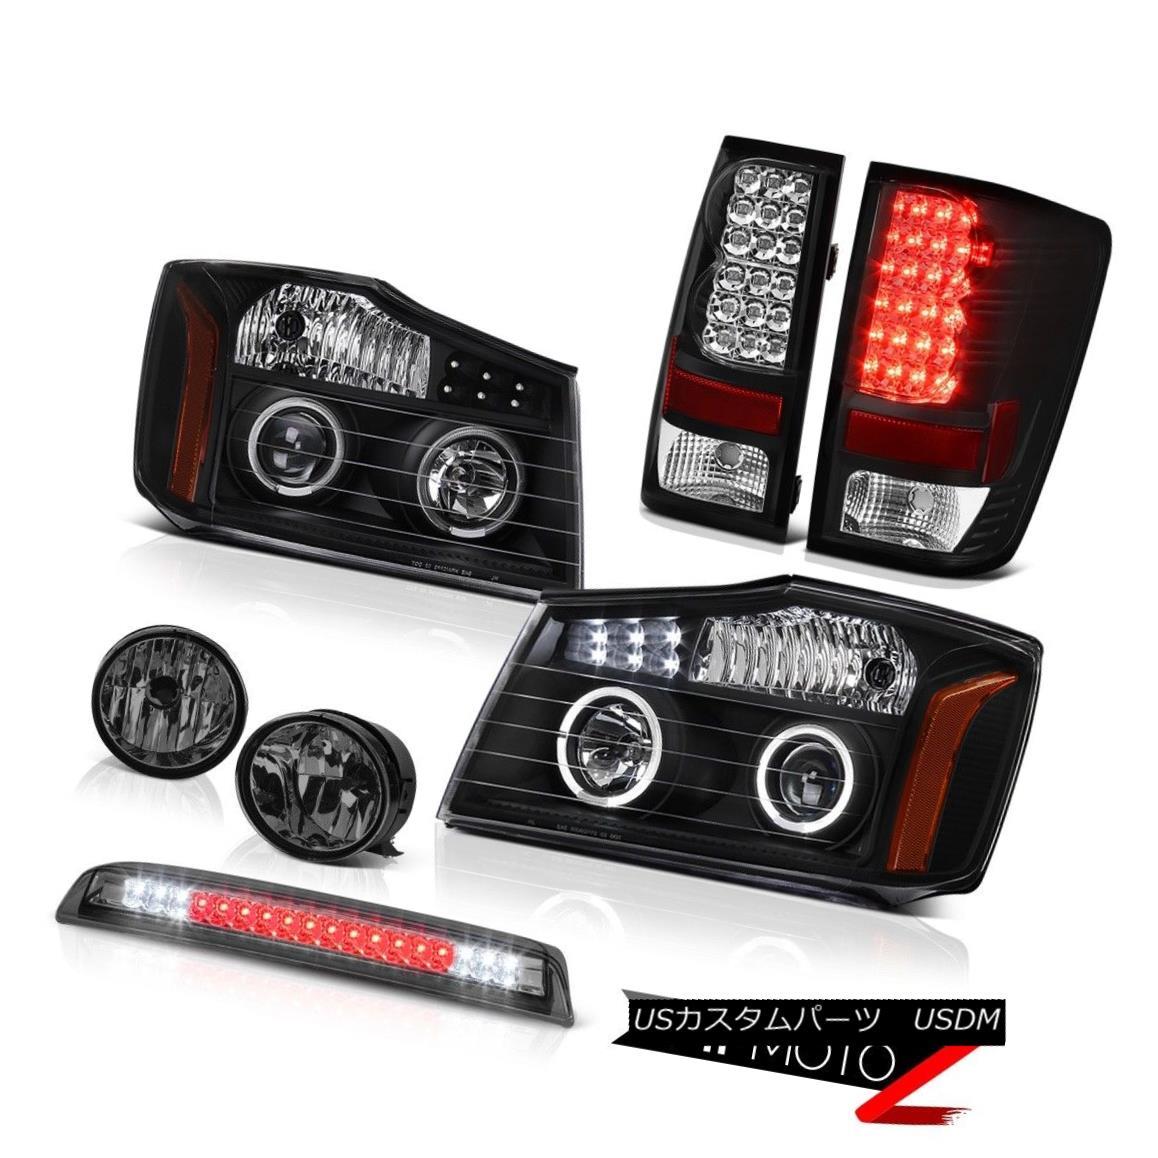 テールライト For 2004-2015 Titan SE Black LED Headlights Tail Lights Bumper Fog Roof Stop 2004年?2015年Titan SE Black LEDヘッドライトテールライトバンパーフォグ屋根止め